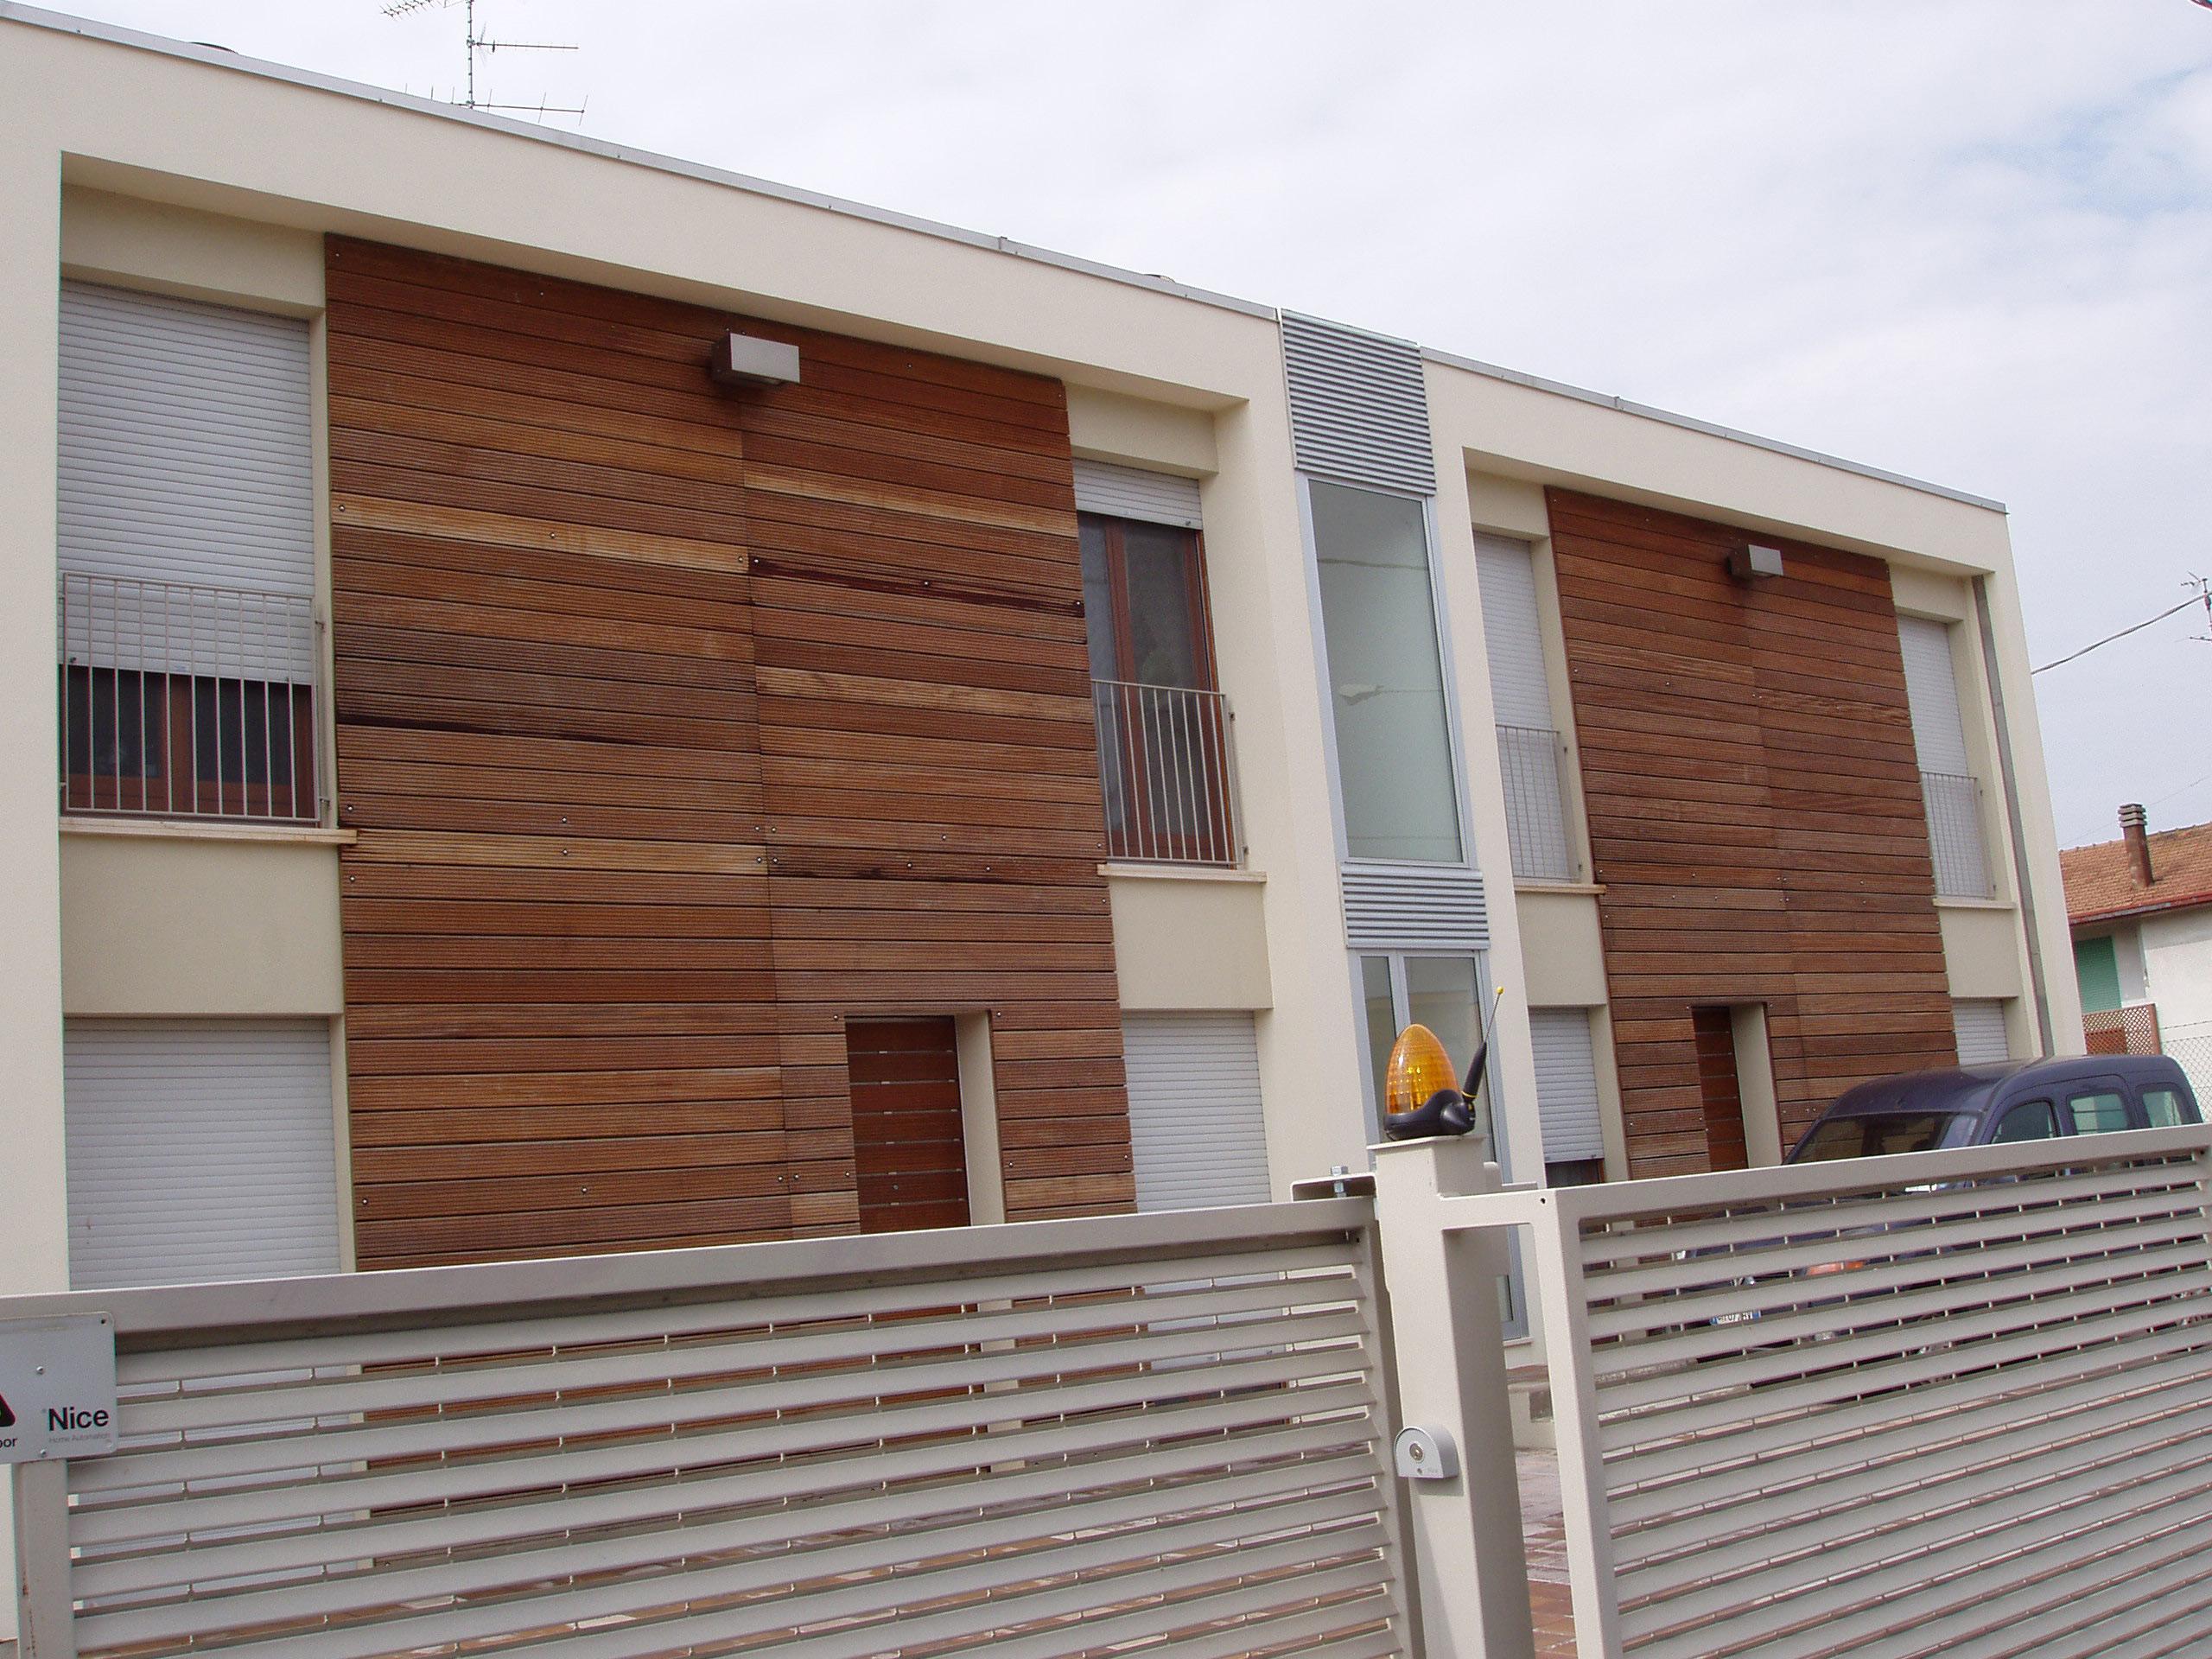 Novowood legno composito per pavimenti esterni piscina giardini - Pavimenti per giardini esterni ...